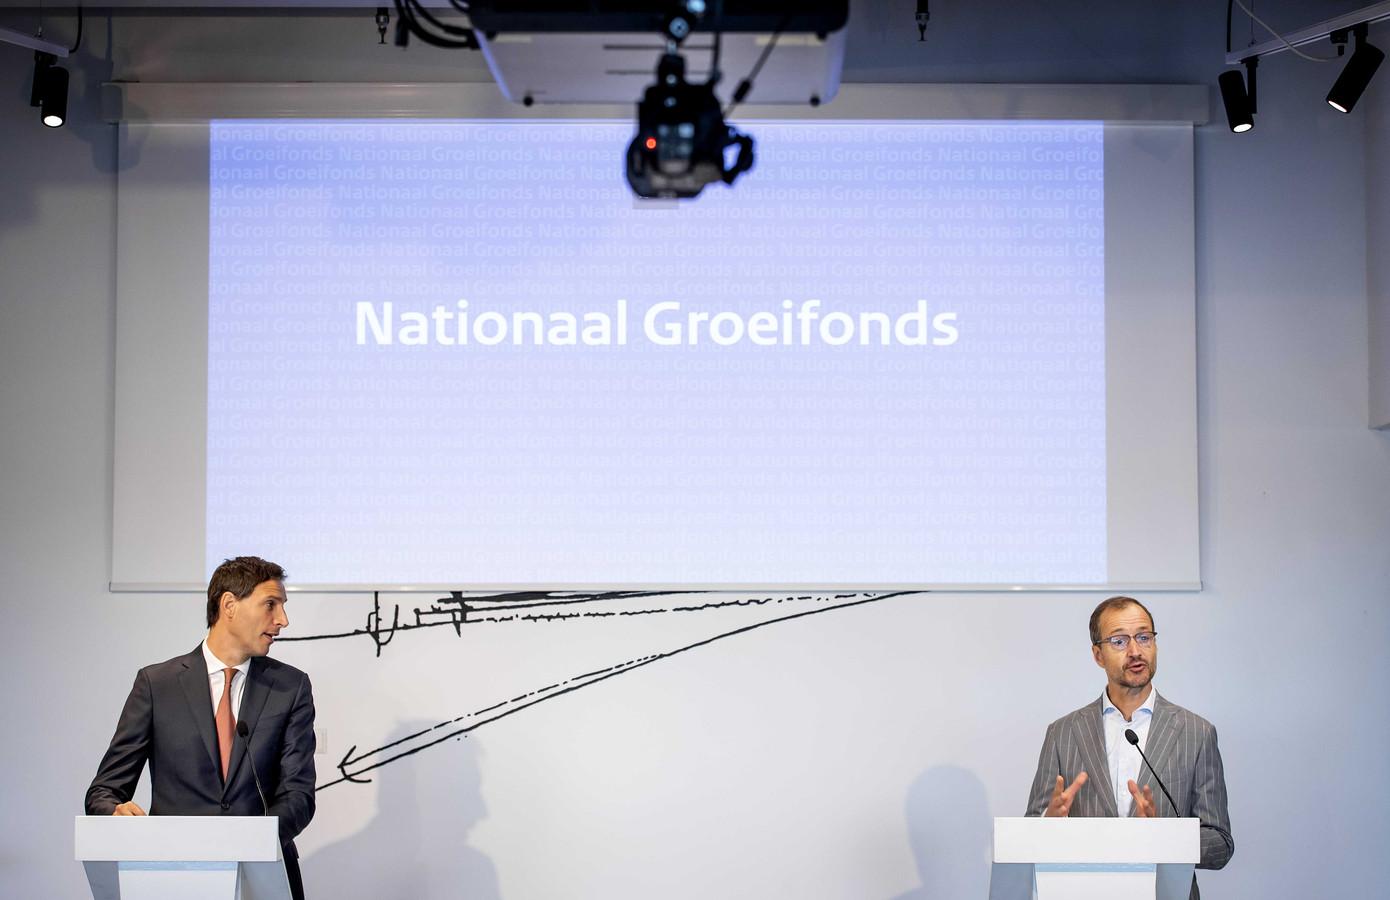 Vorig jaar presenteerden toenmalig ministers Wopke Hoekstra en Eric Wiebes hun plannen voor het Nationaal Groeifonds, ook wel het WopkeWiebes-fonds genoemd. Wiebes is inmiddels opgevolgd door Bas van 't Wout, Hoekstra maakt nog wel deel uit van het kabinet, dat inmiddels demissionair is.